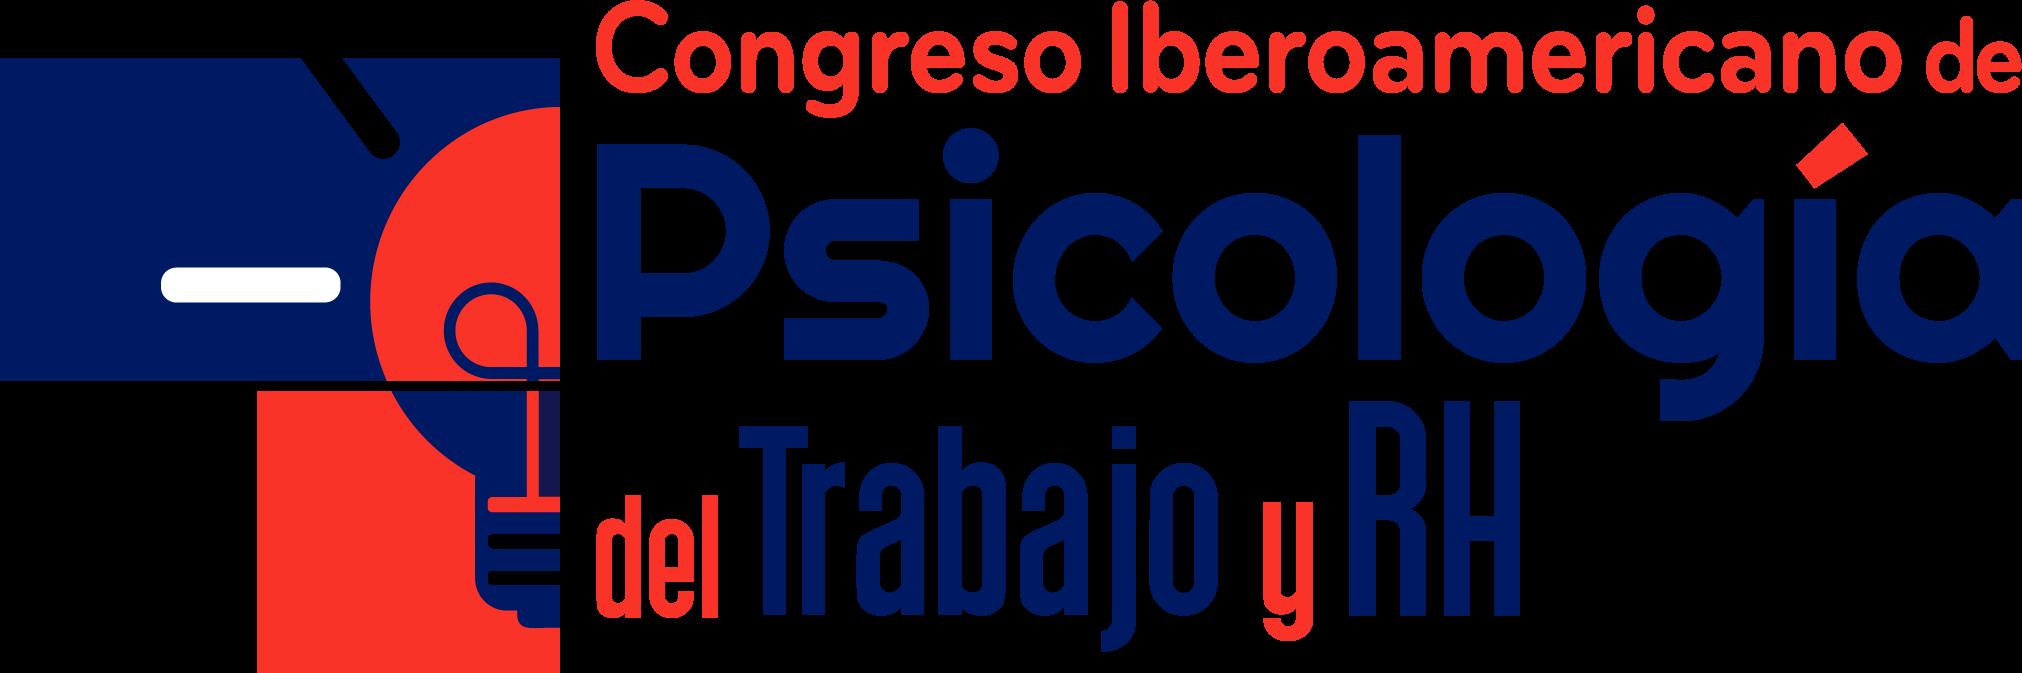 Congreso de Psicología del Trabajo y Recursos Humanos